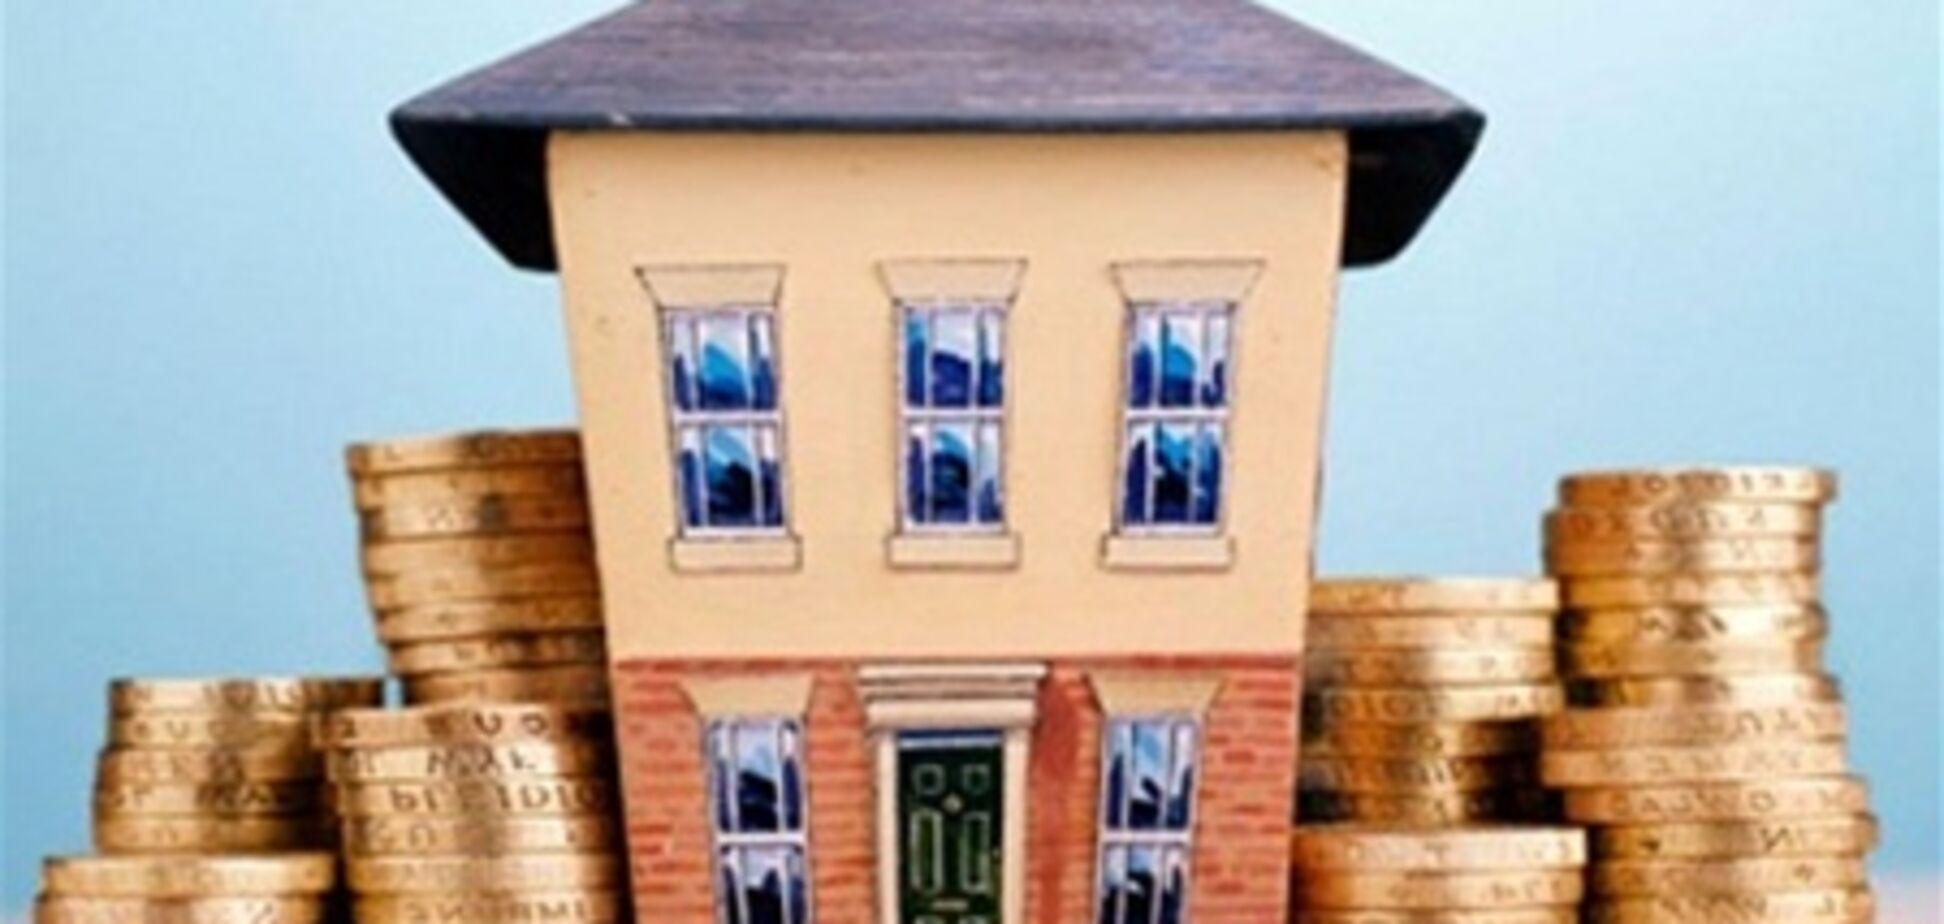 Рада разрешила льготу по налогу на недвижимость для нескольких квартир